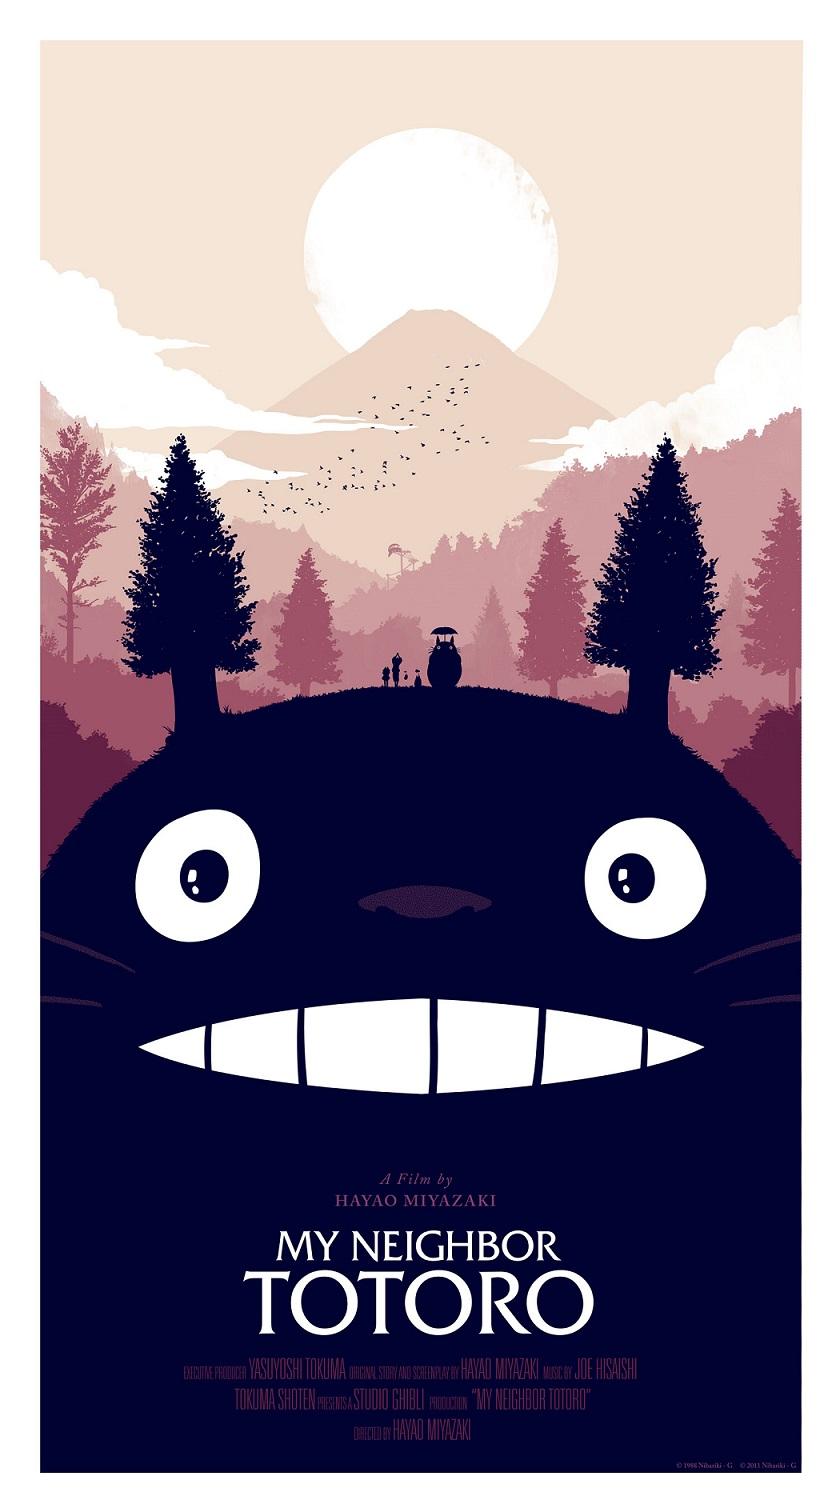 پوستر همسایه من توتورو